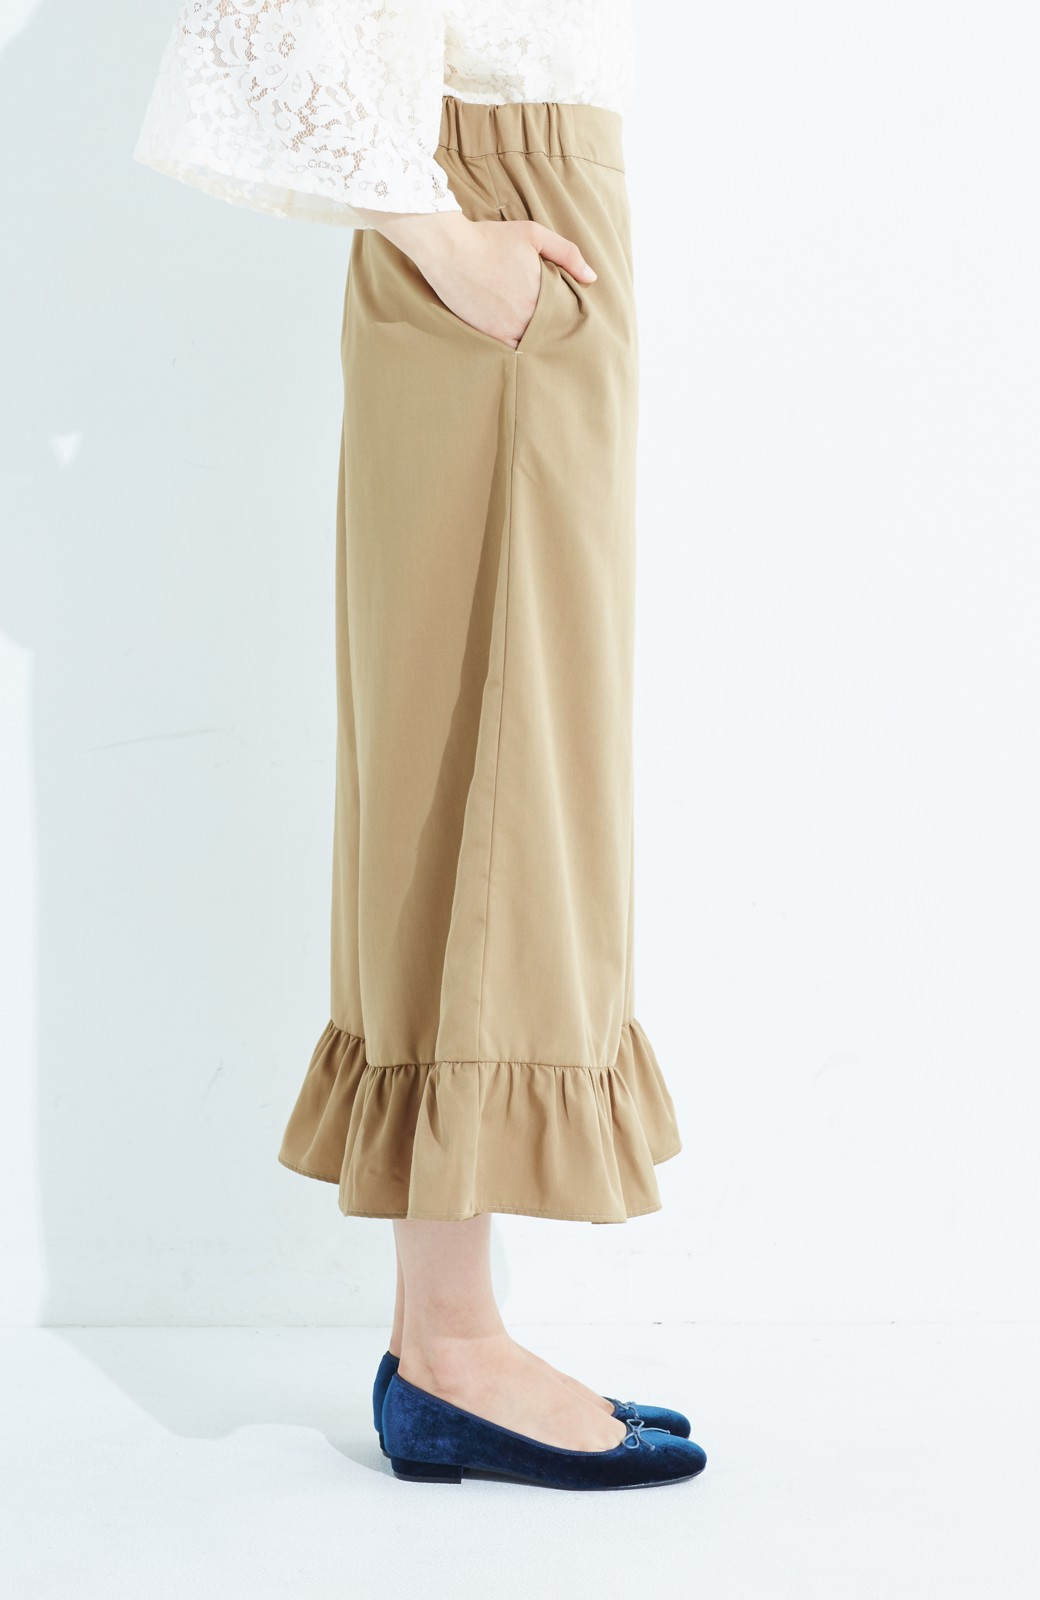 haco! スカート気分で楽しめる 華やかフレアーパンツ <ベージュ>の商品写真5